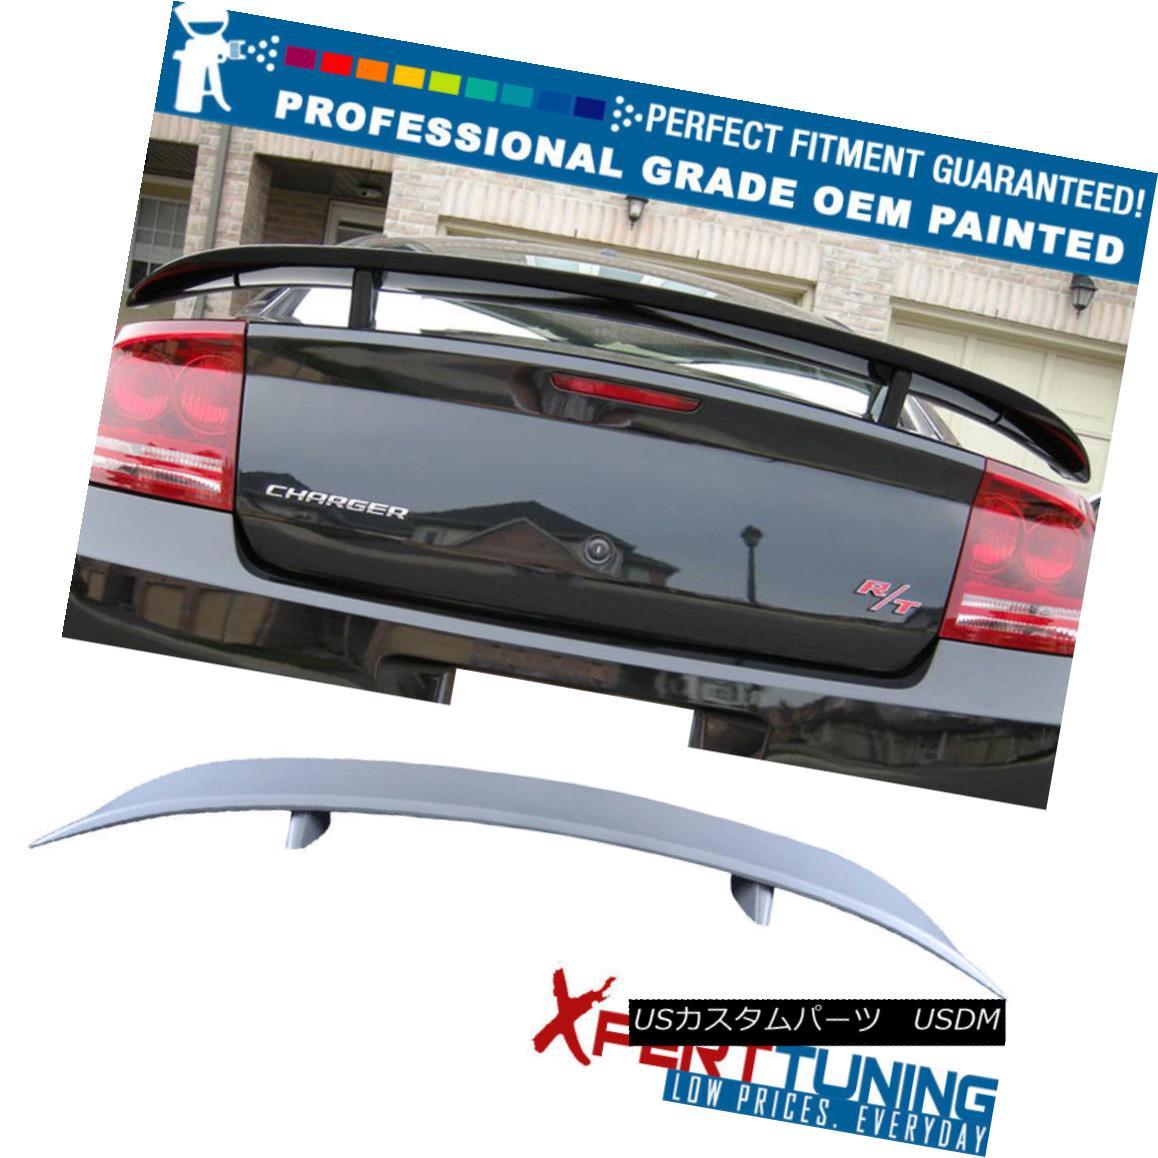 エアロパーツ Fits 06 07 08 09 10 Dodge Charger Painted ABS Trunk Spoiler - OEM Painted Color フィット06 07 08 09 10塗装ABSトランク・スポイラー - OEM塗装カラードッジ・チャージャー